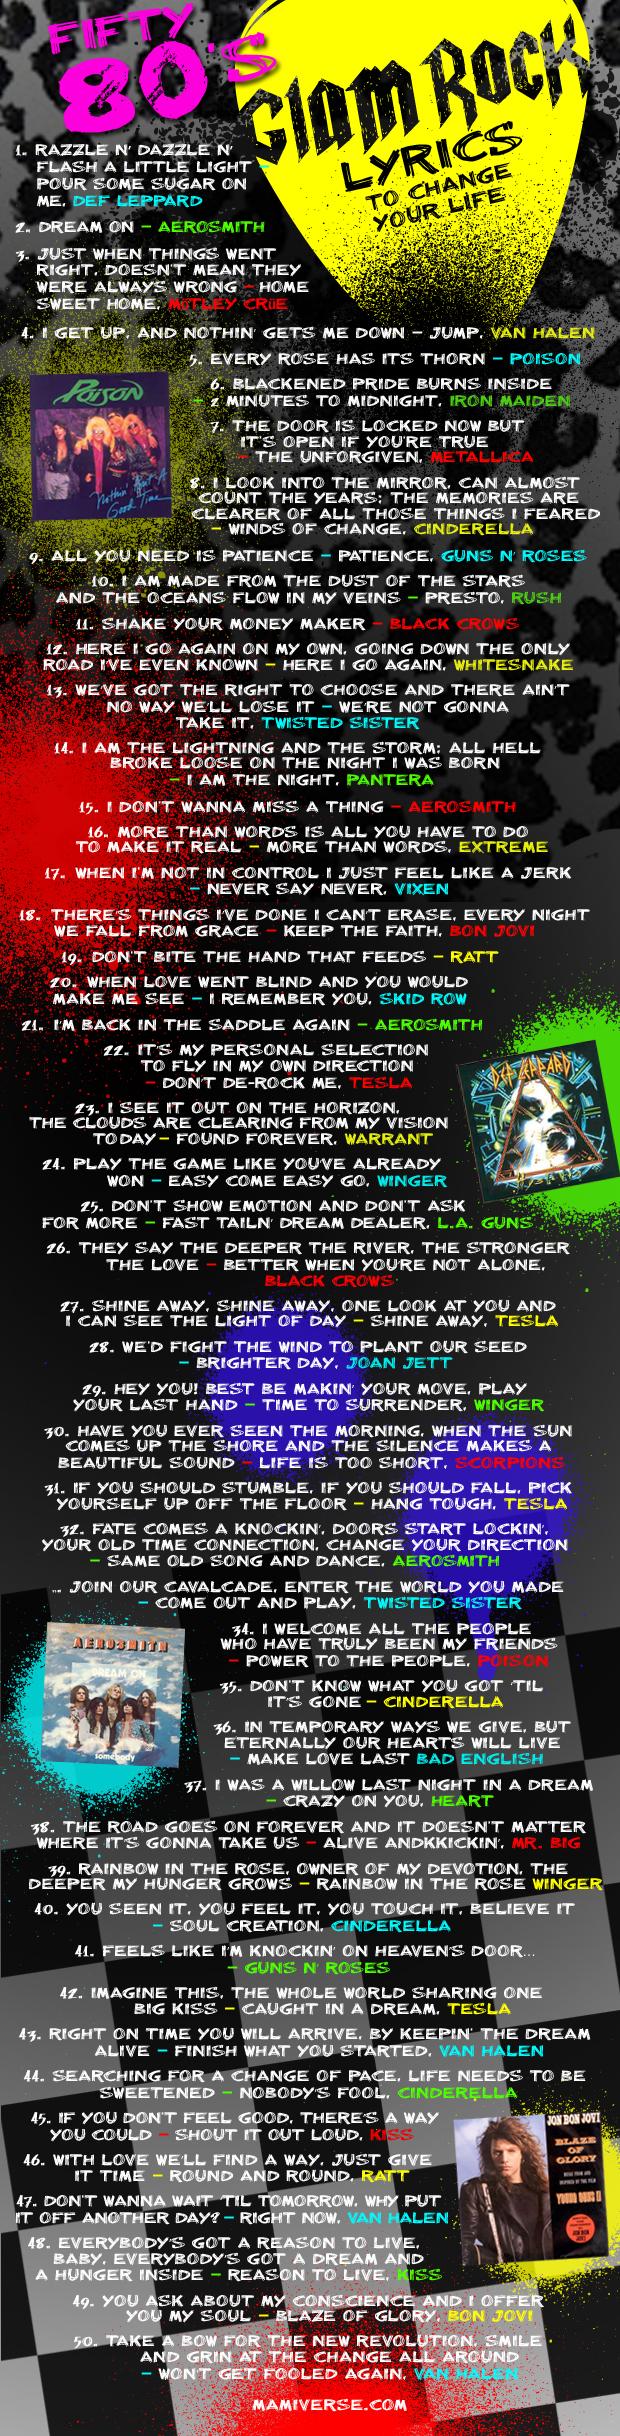 Fifty 80's Glam Lyrics